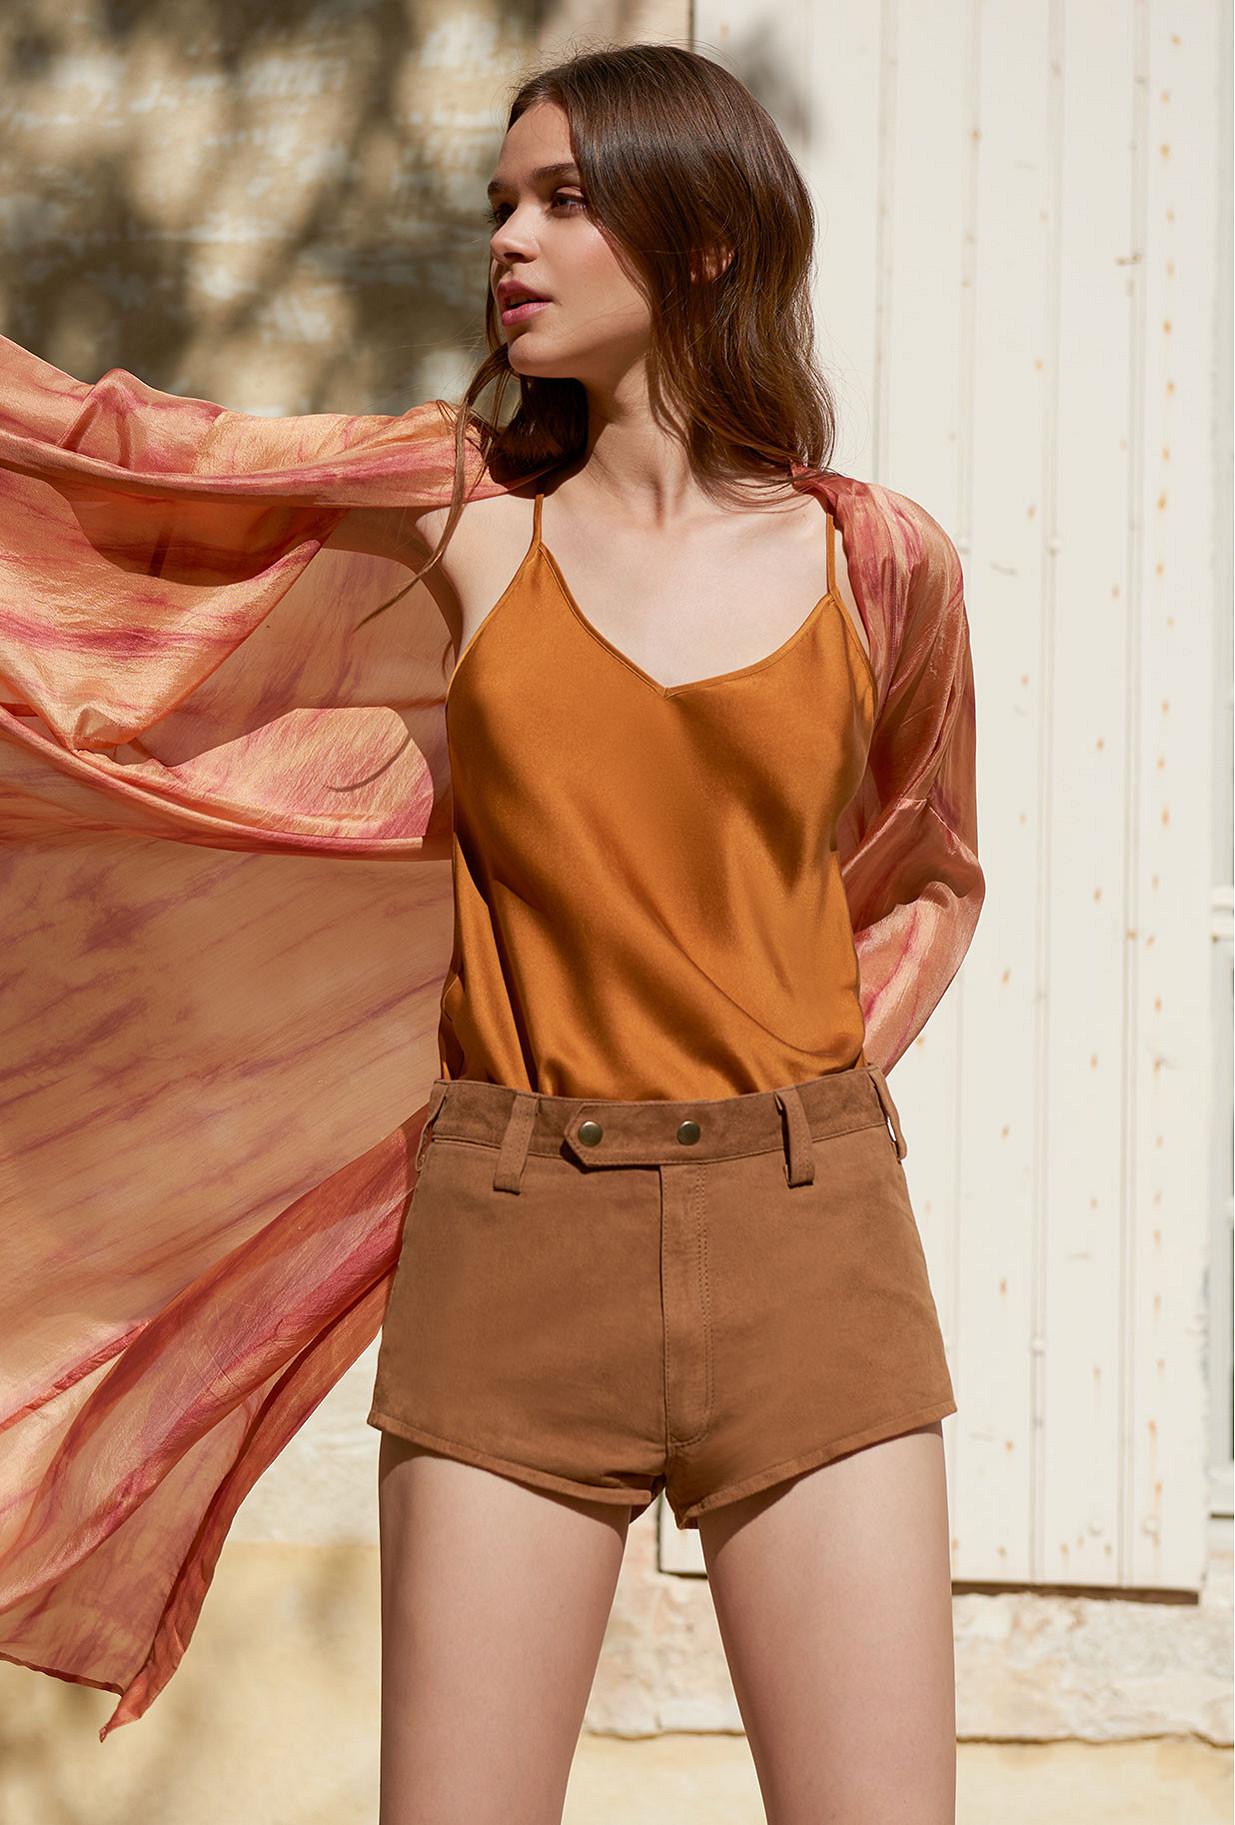 Paris clothes store Short  Chilli french designer fashion Paris